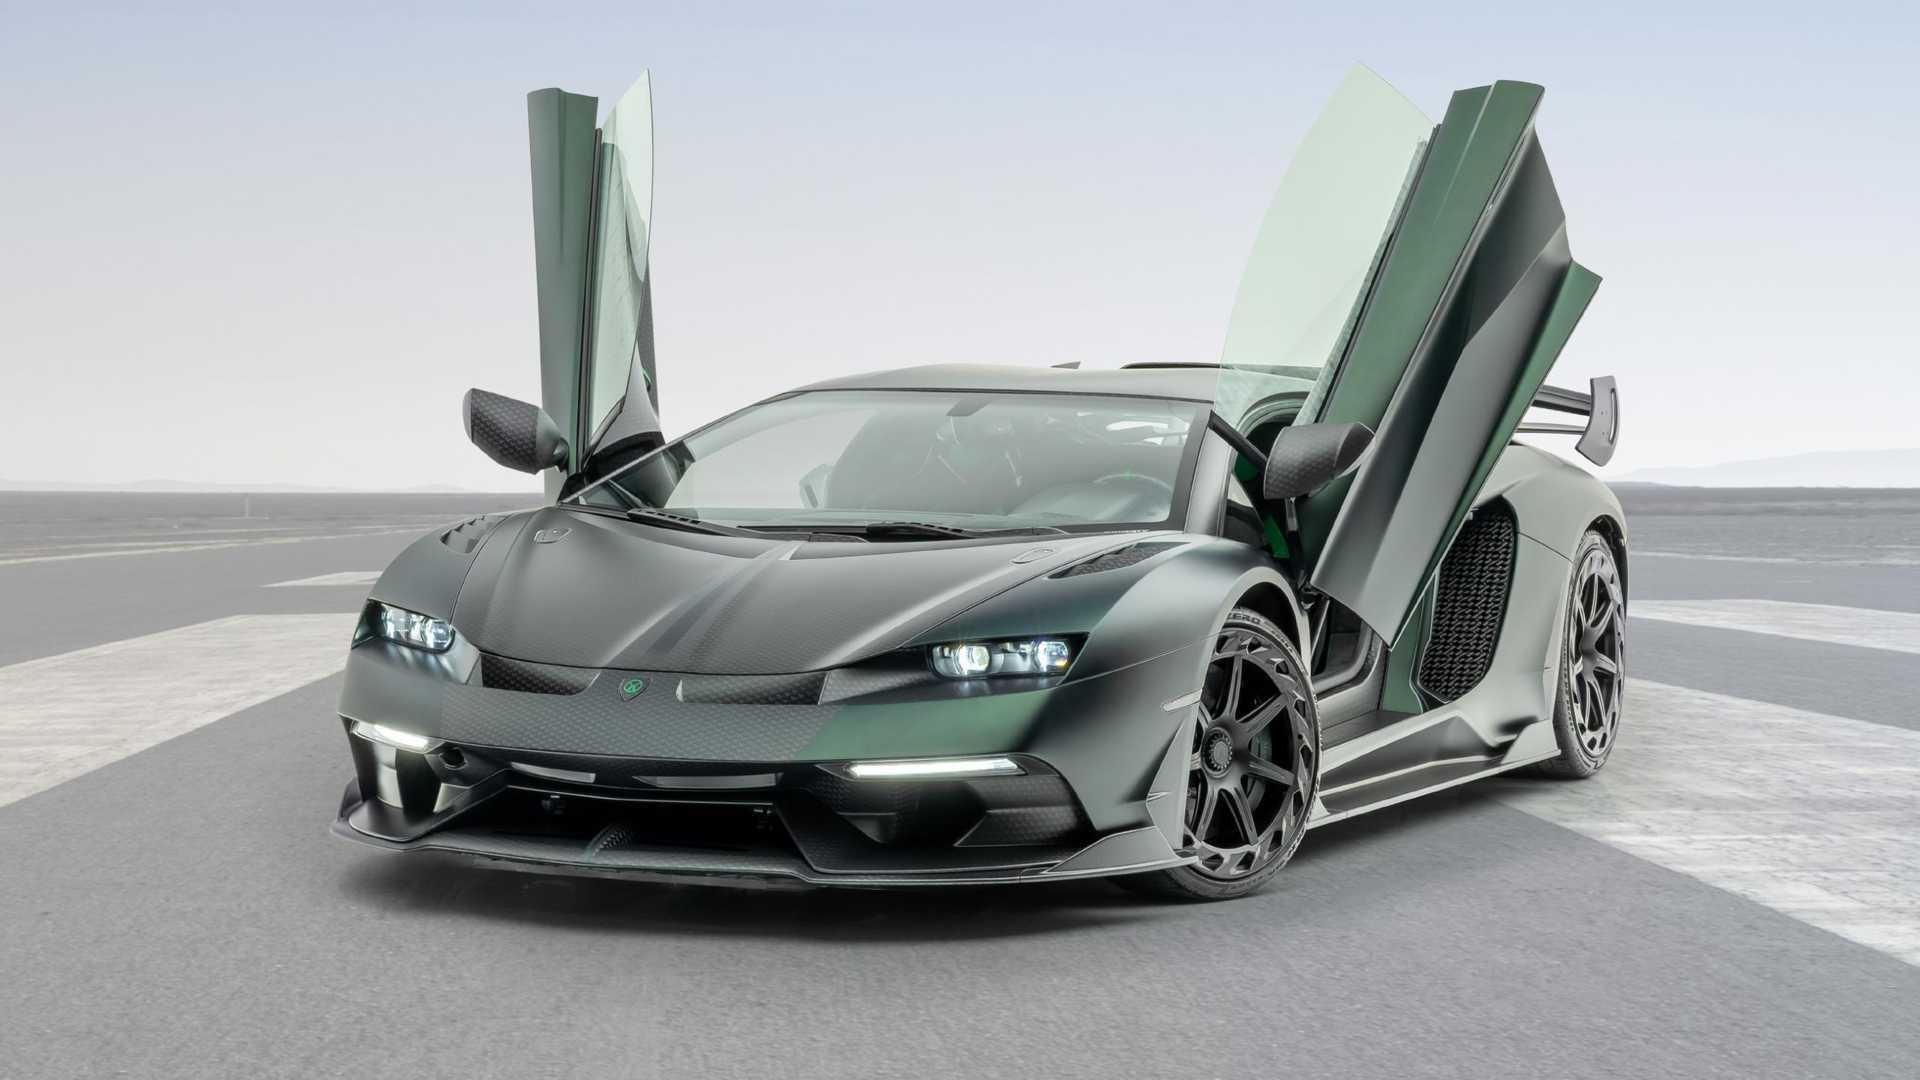 Mansory-Cabrera-Lamborghini-Aventador-SVJ-2